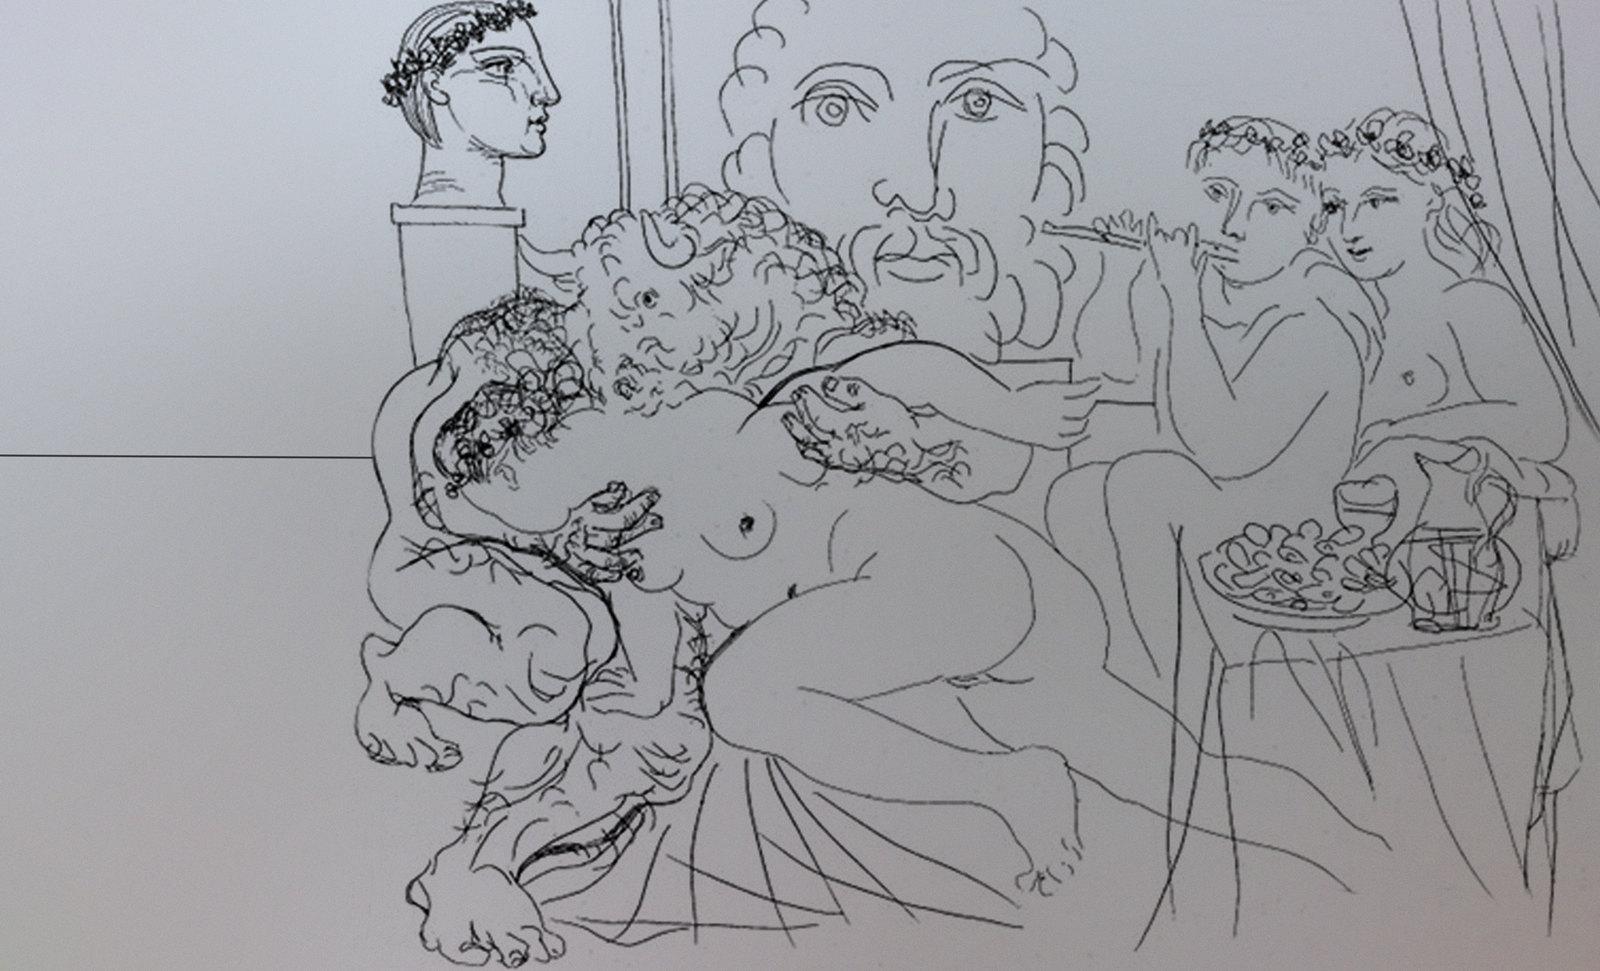 74Pablo Picasso